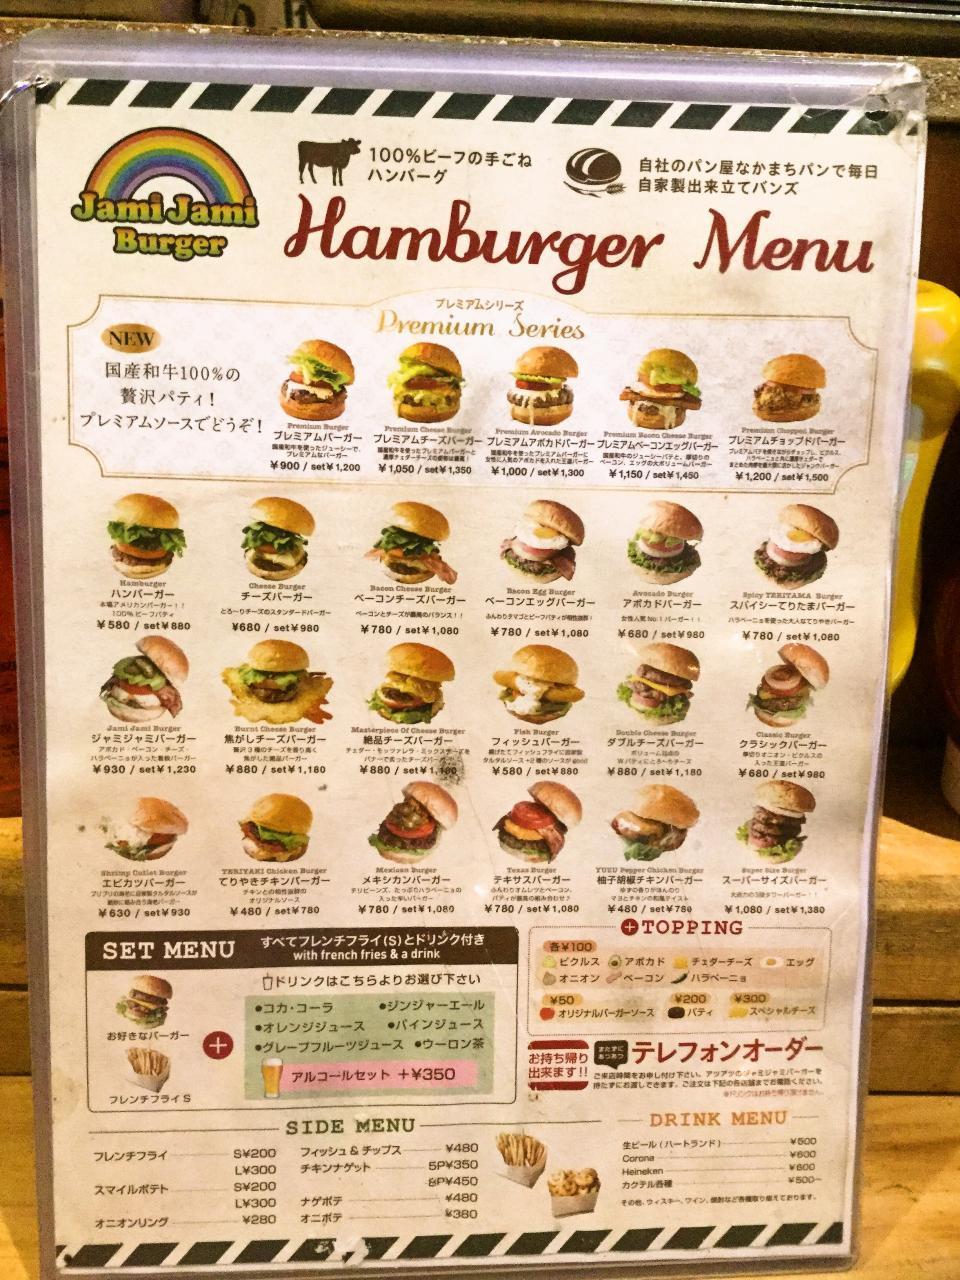 Jami Jami Burger 森野店(メニュー)